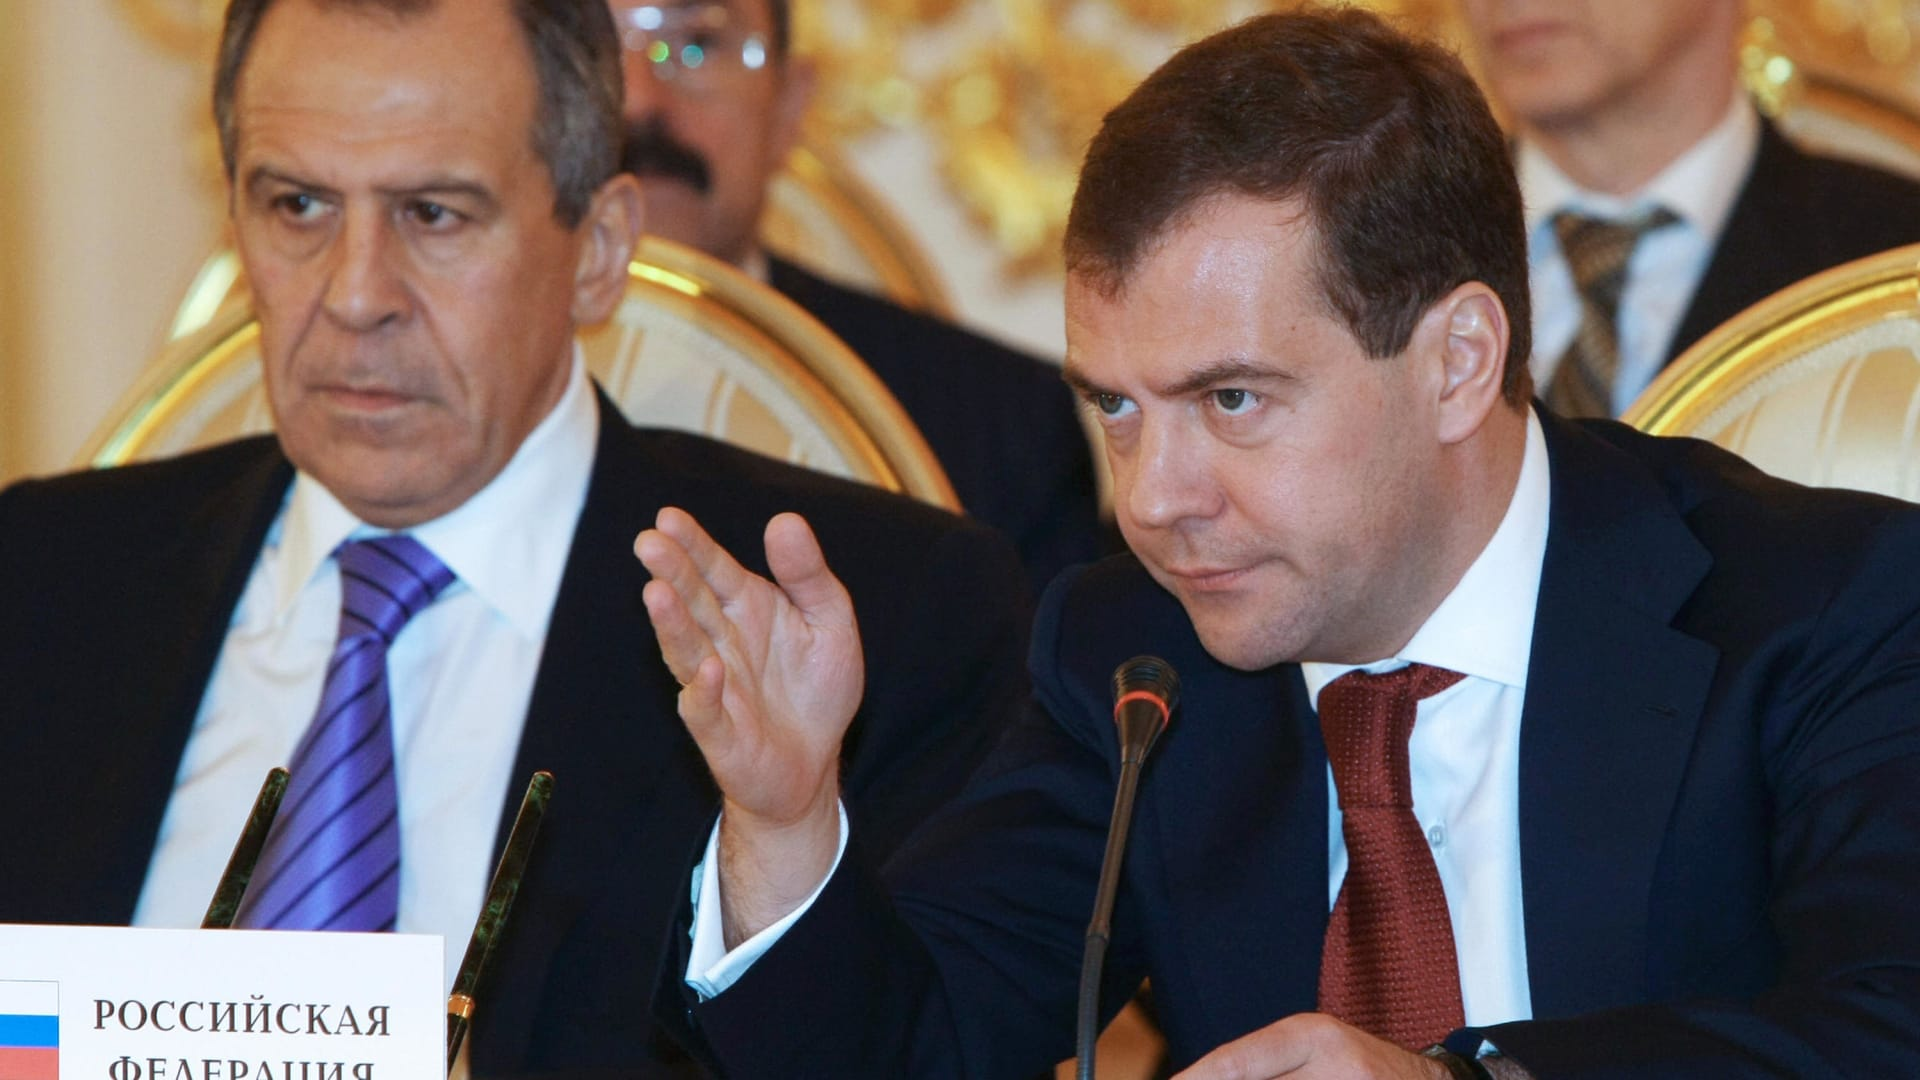 ميدفيديف: مدير الأمن الأوكراني غبي للتلميح بتورط روسيا بتفجيرات بروكسل.. ولافروف إلى أوروبا: تجنبوا الألعاب الجيوسياسية